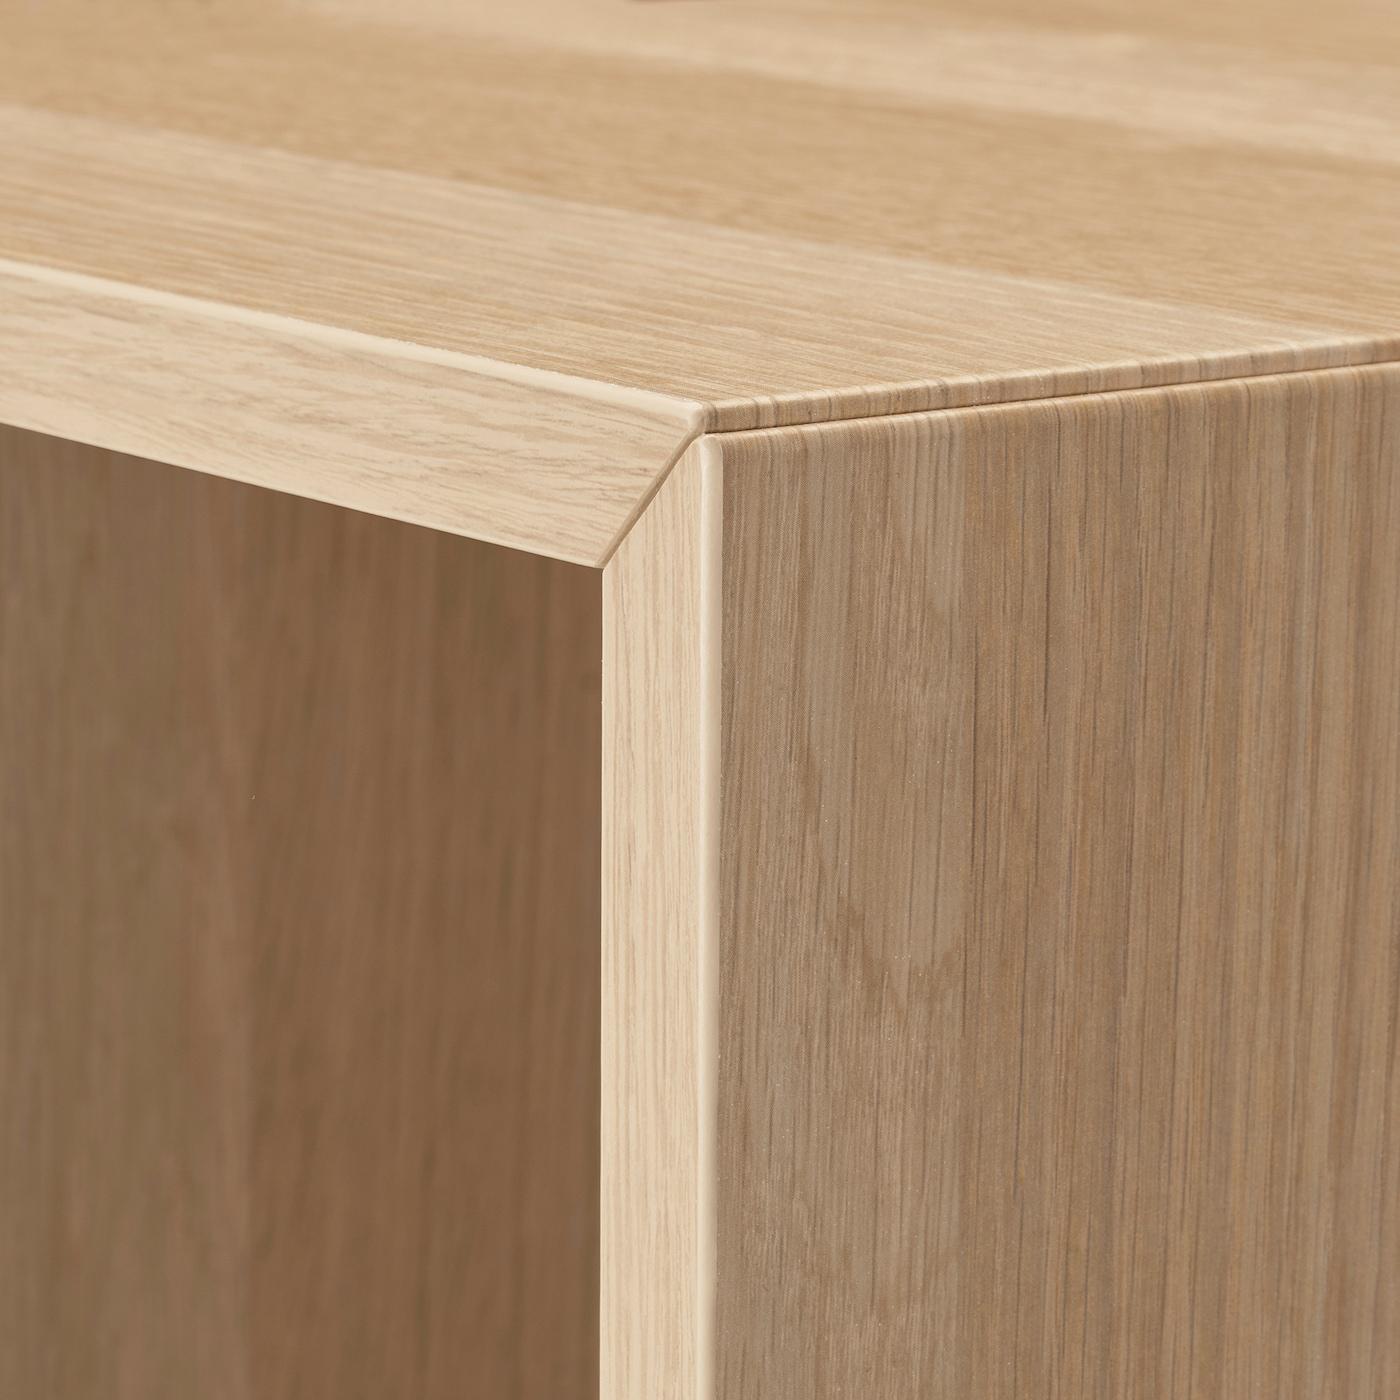 EKET skříňka vz. bíle moř. dub 35 cm 25 cm 35 cm 5 kg